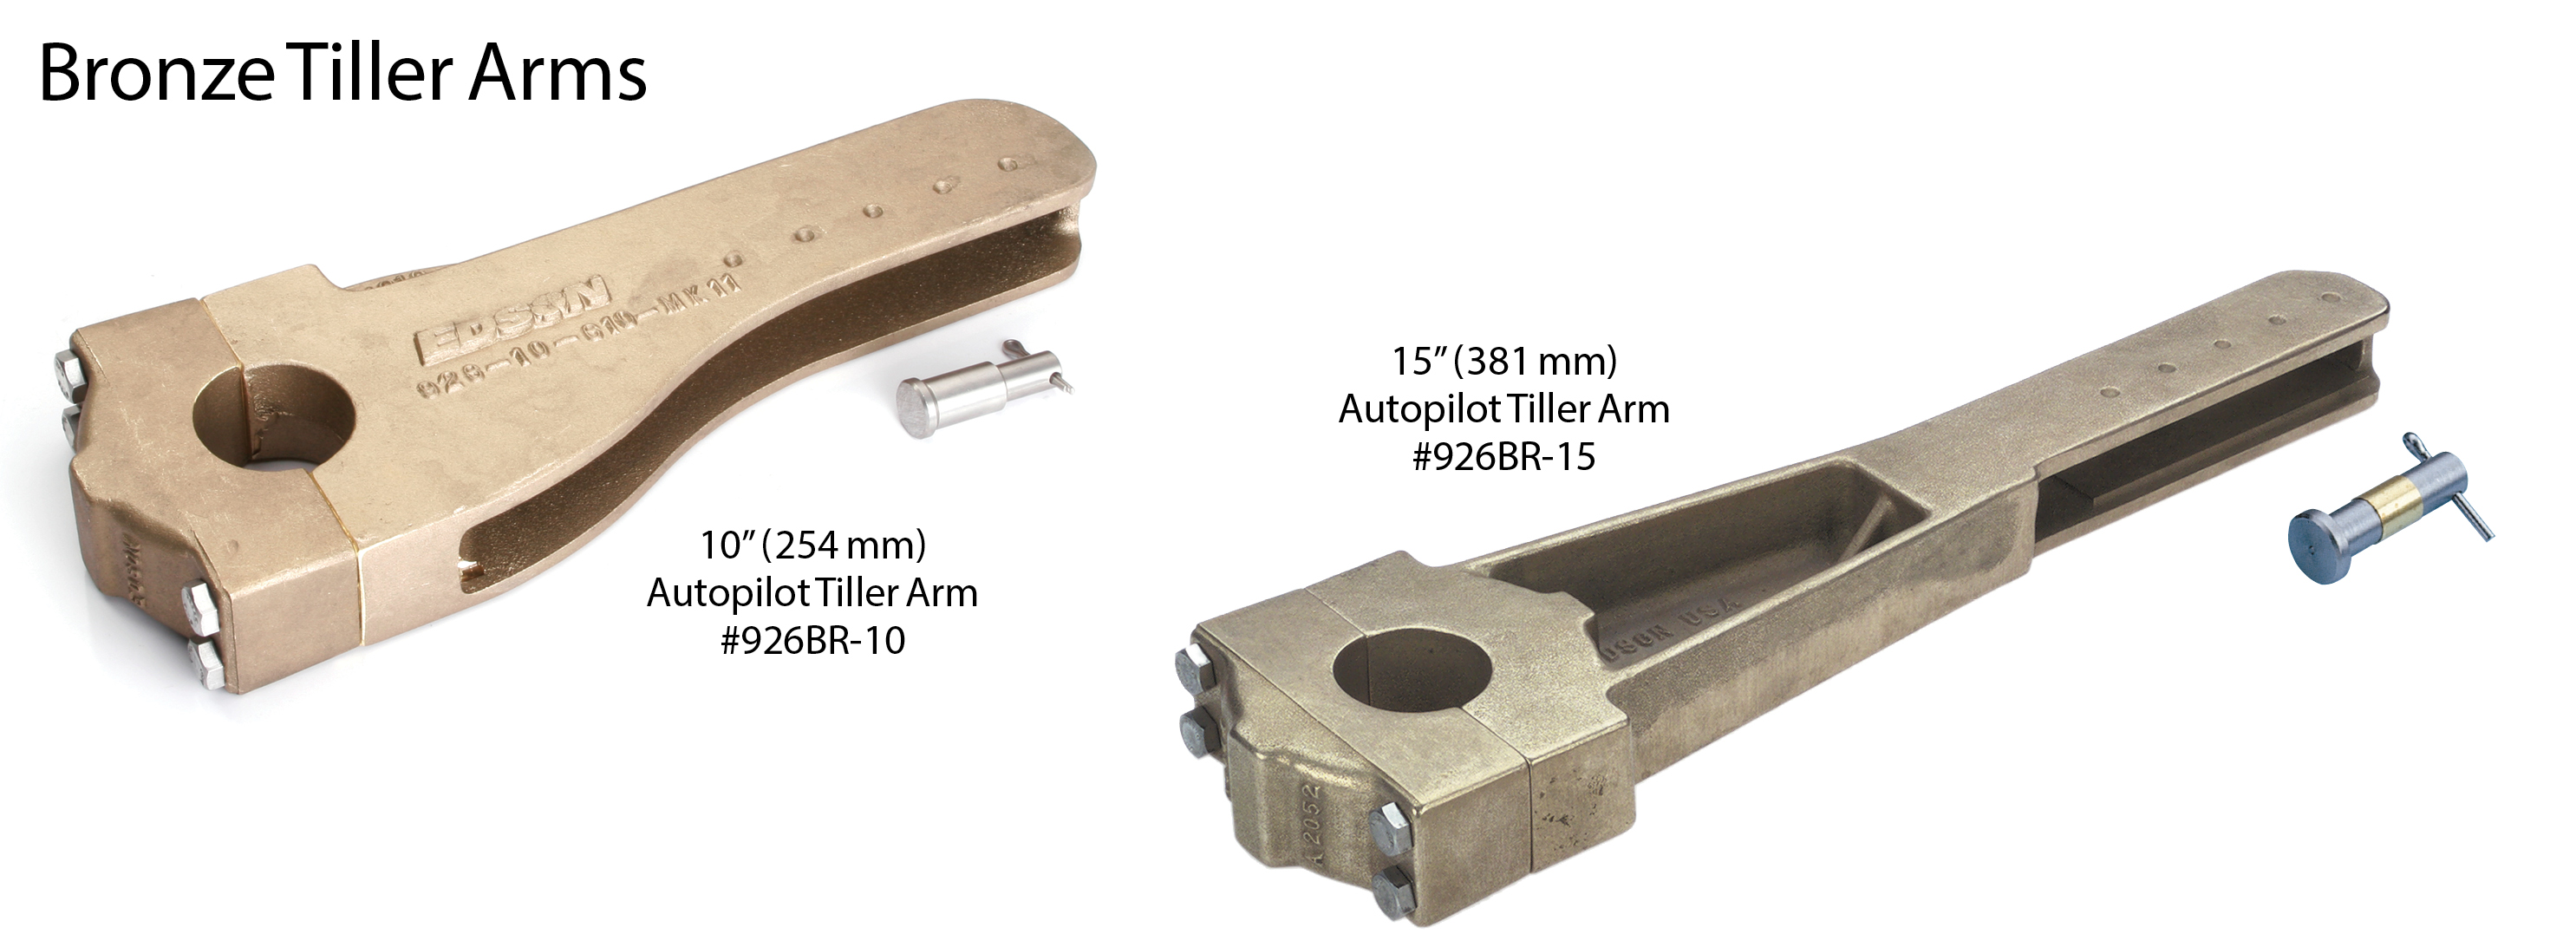 Bronze Tiller Arms